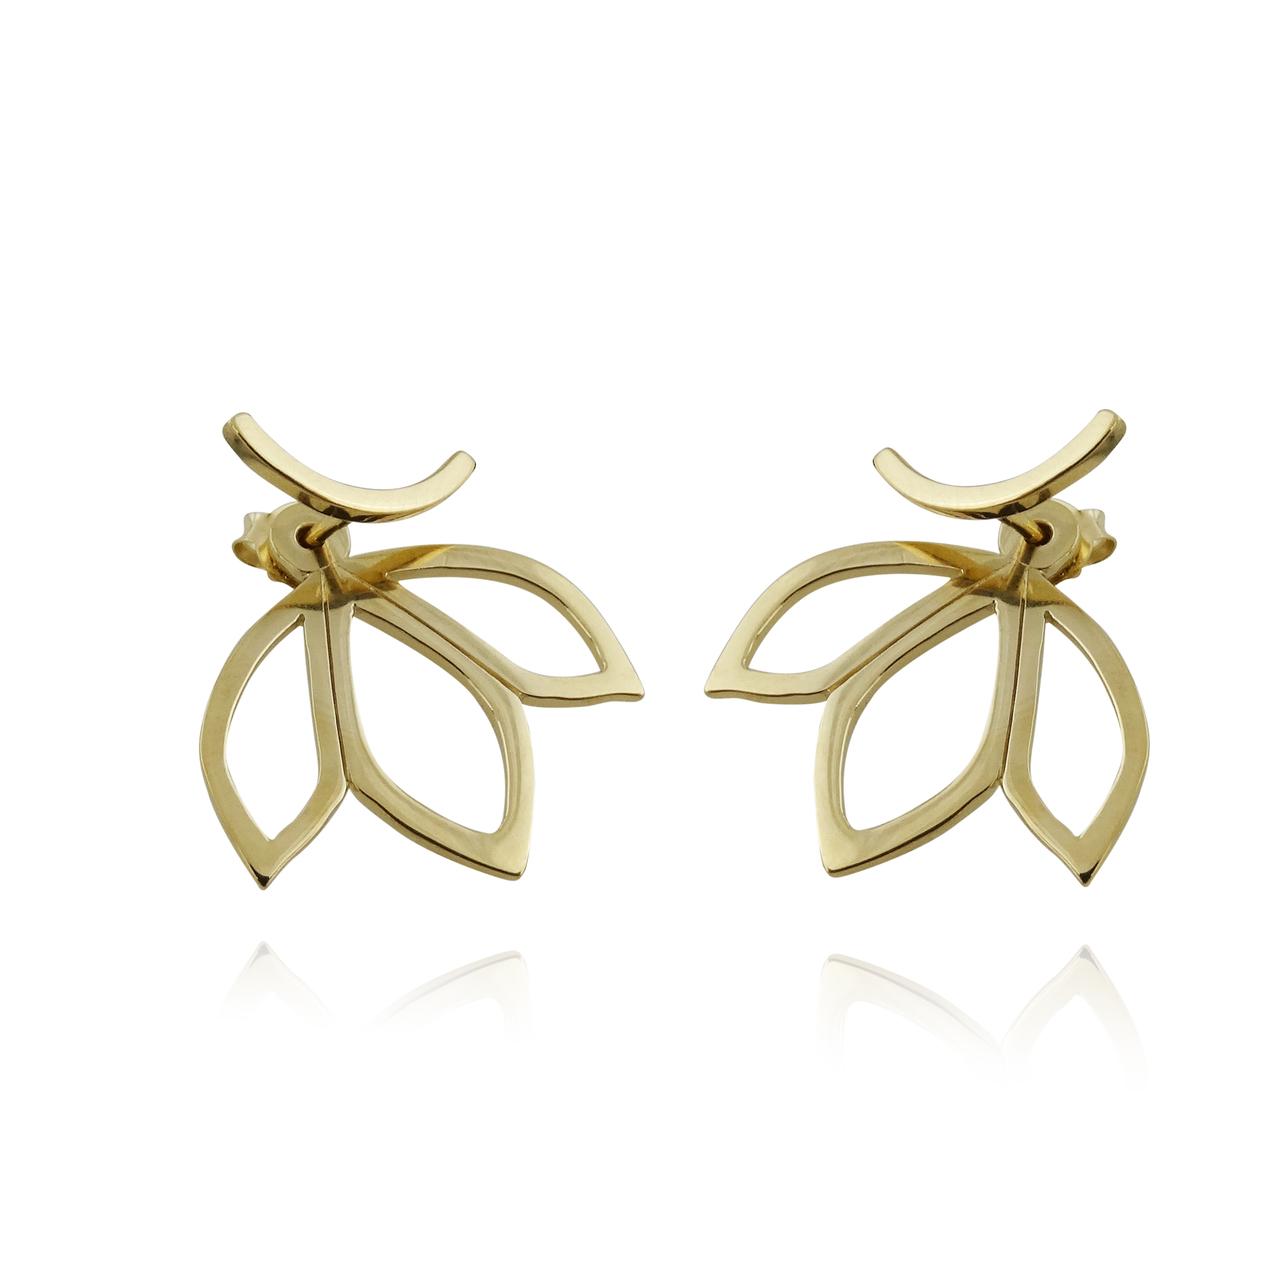 Lotus Petal JACKET Earrings - Gold Plated 925 Sterling Silver